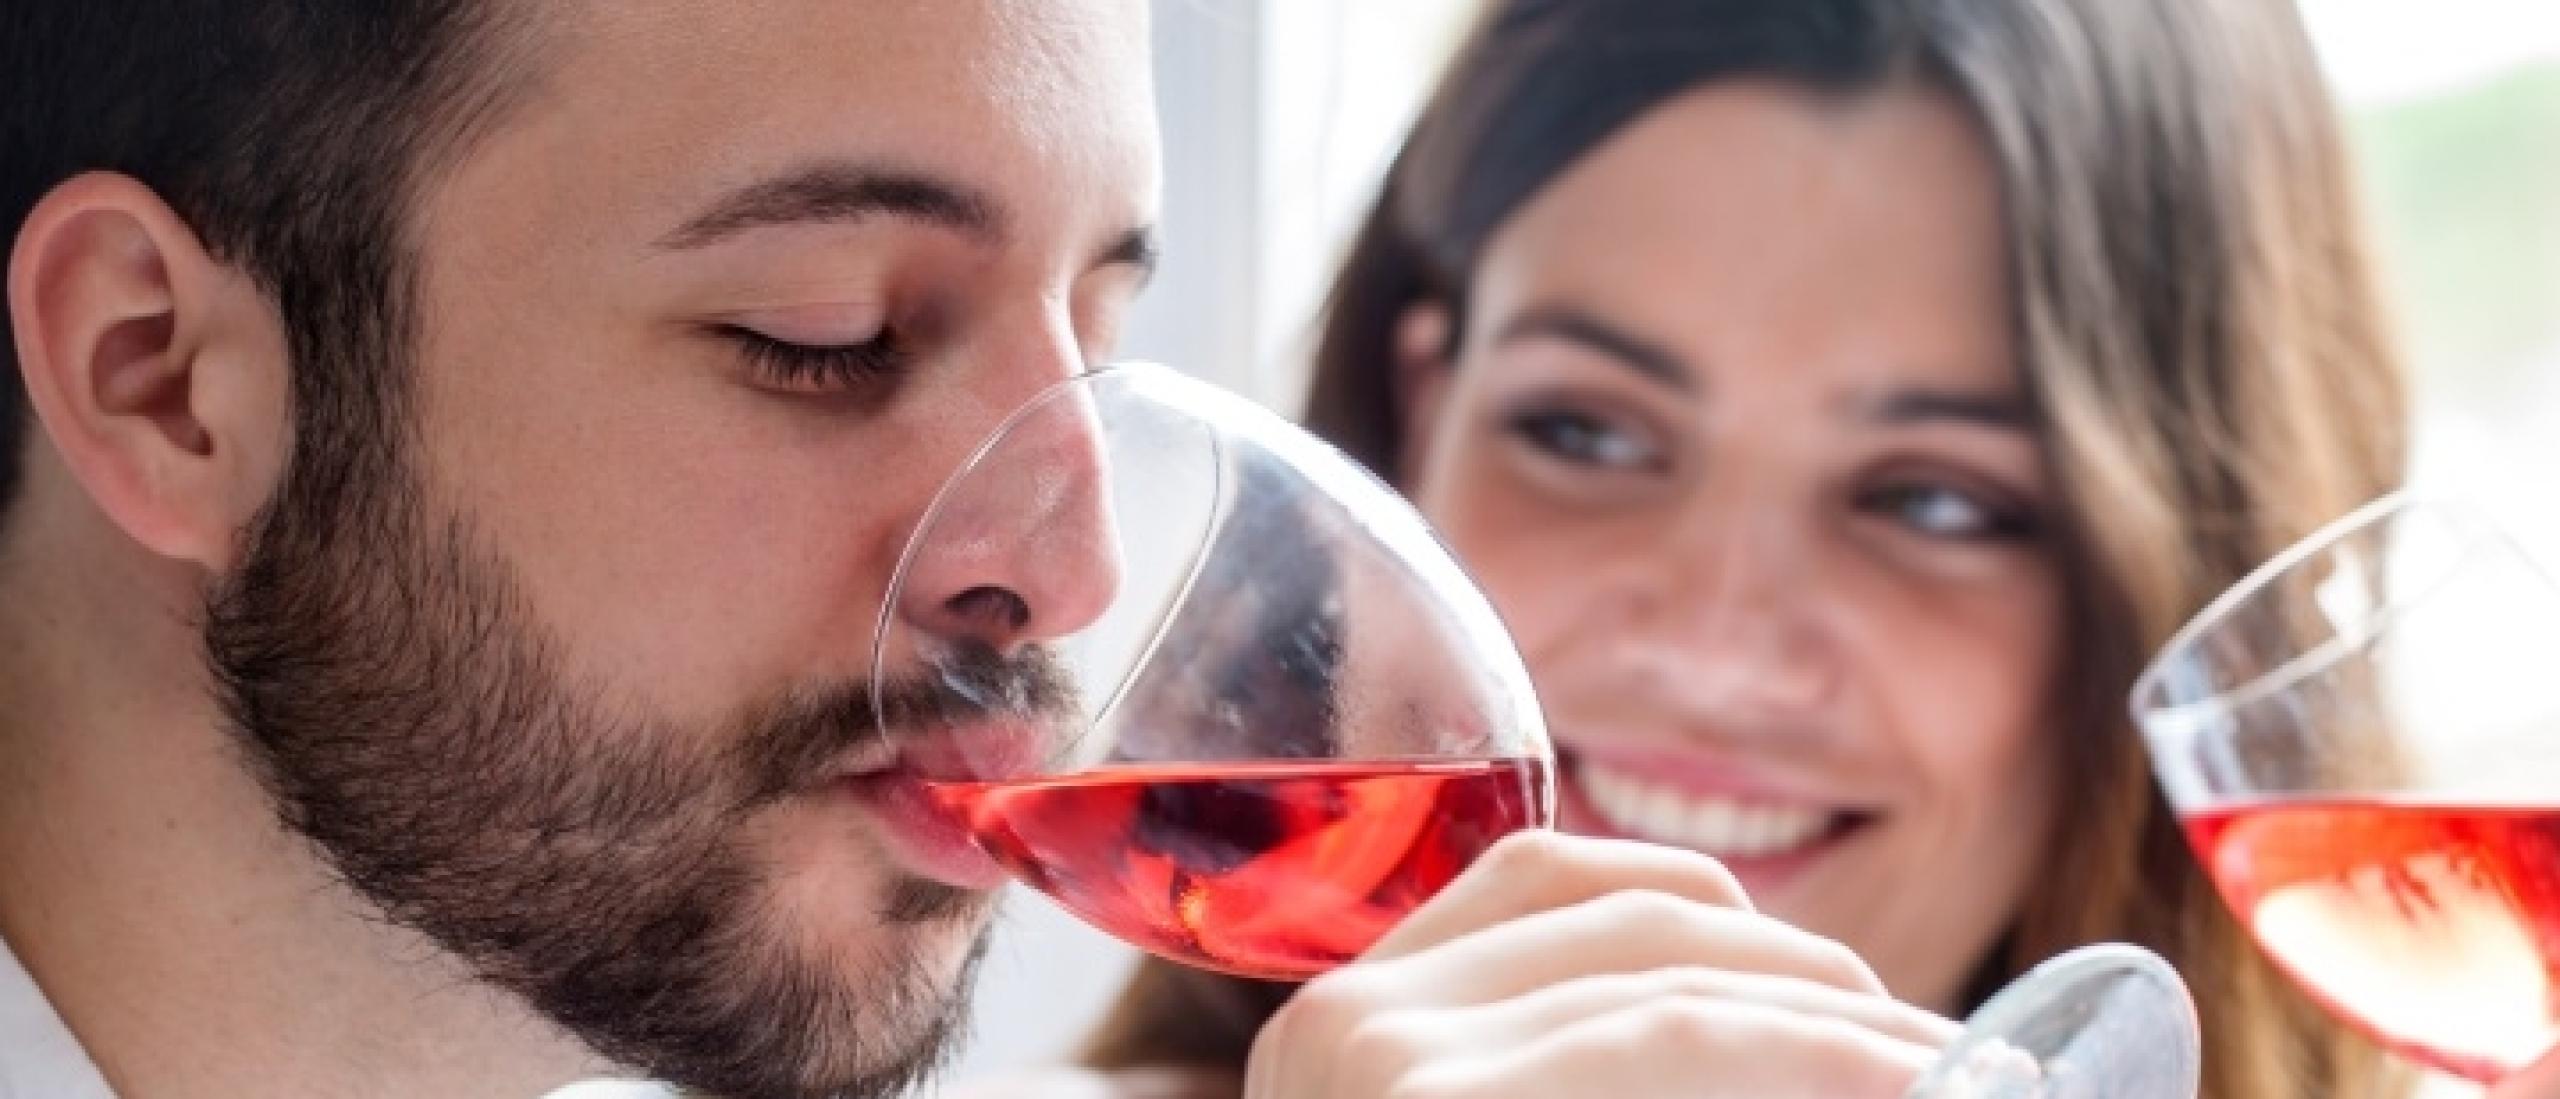 6 tips voor pizza- en wijncombi's